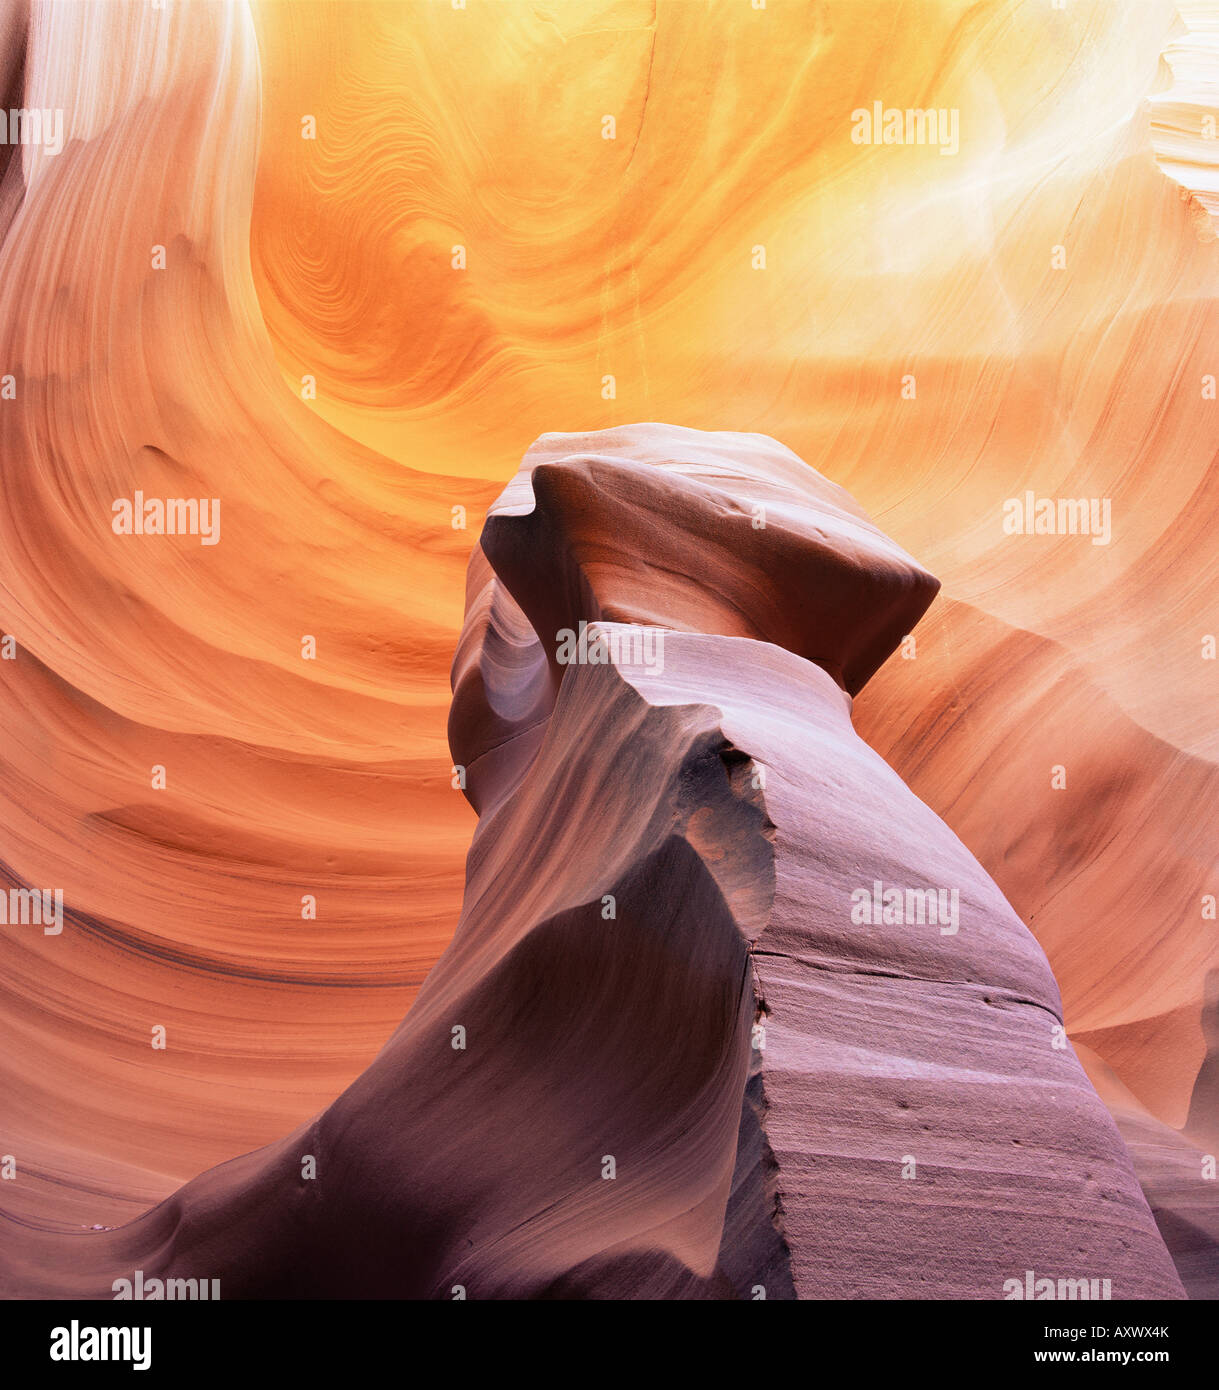 Säule aus Stein in Thin Sexplosion Canyon, einem Slotcanyon, Arizona, Vereinigte Staaten von Amerika (U.S.A.), Stockbild